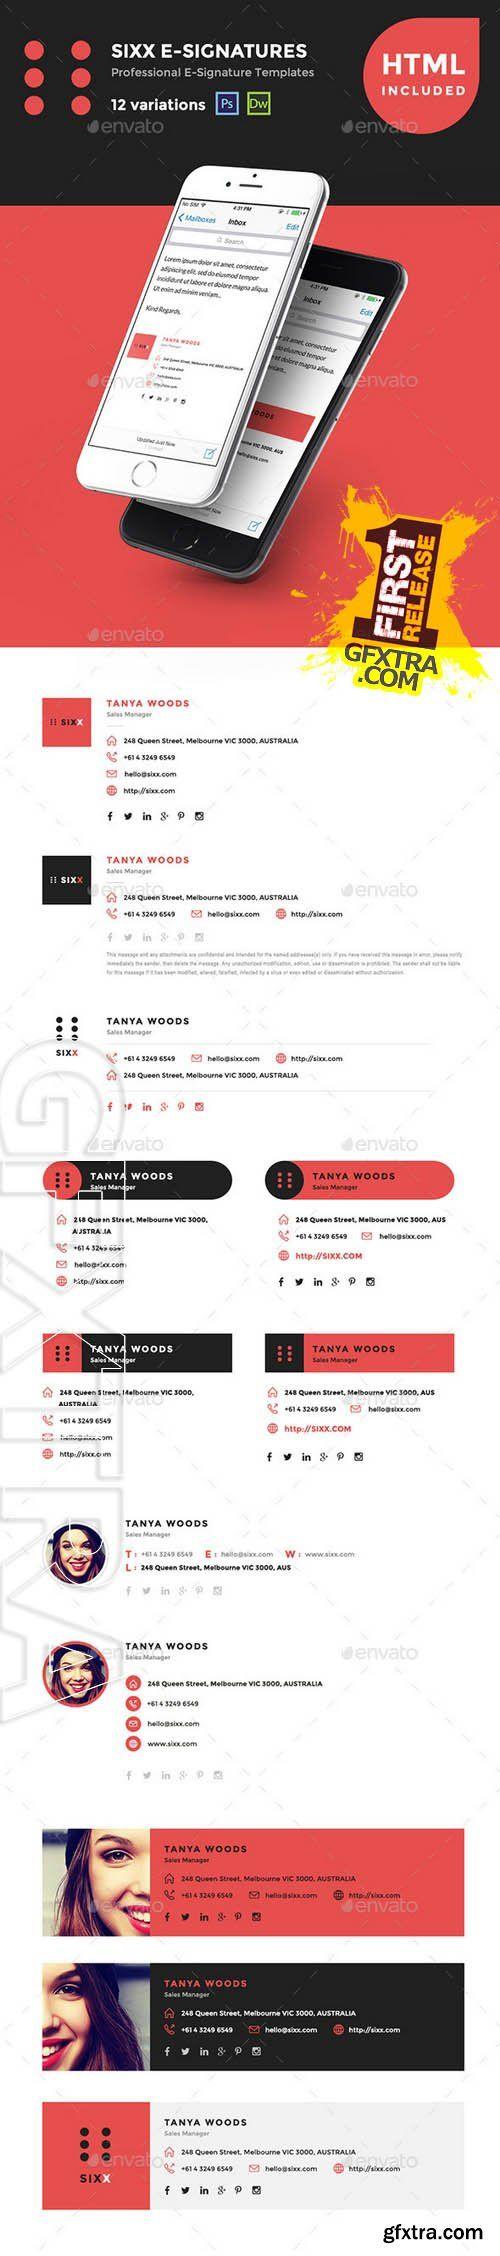 12 HTML Professional E-Signature Templates - Graphicriver 11241292